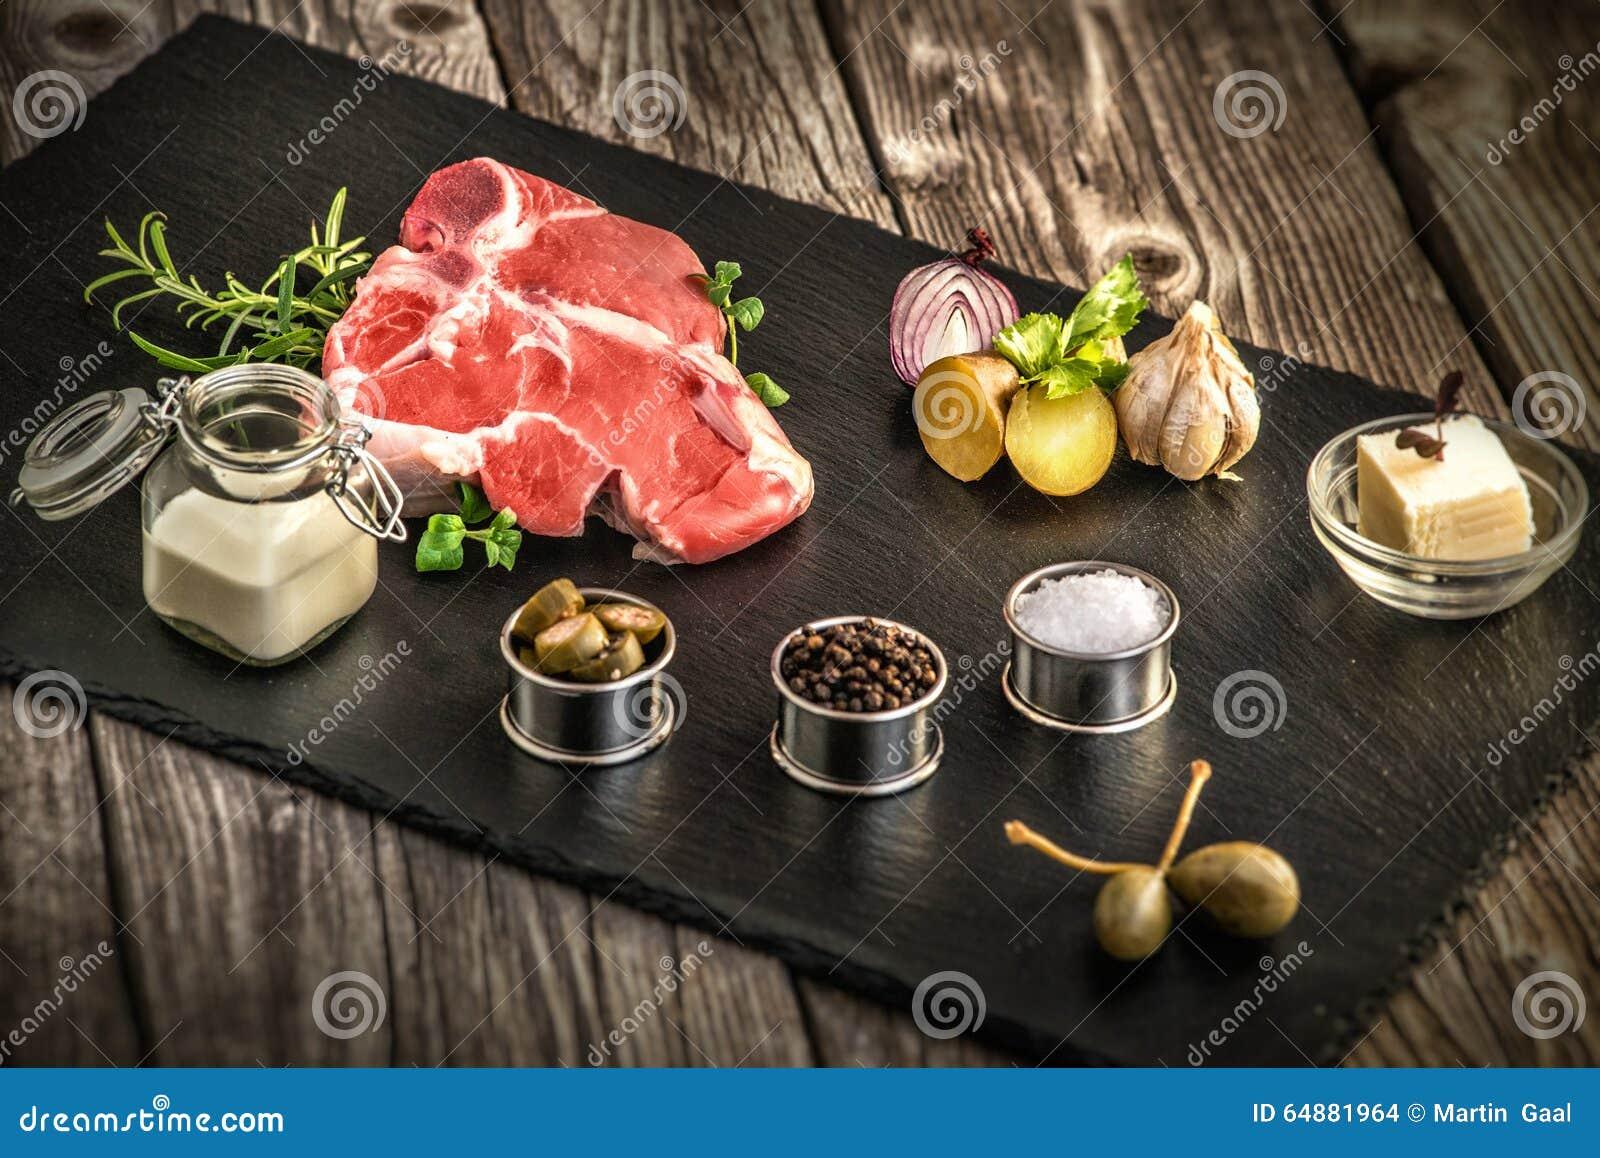 Biff, för oosten för nytt kött platta, gastronomi, vitlök och lök, krydda, rosmarin med kött, smör, wood tabell, tillsatser, prep